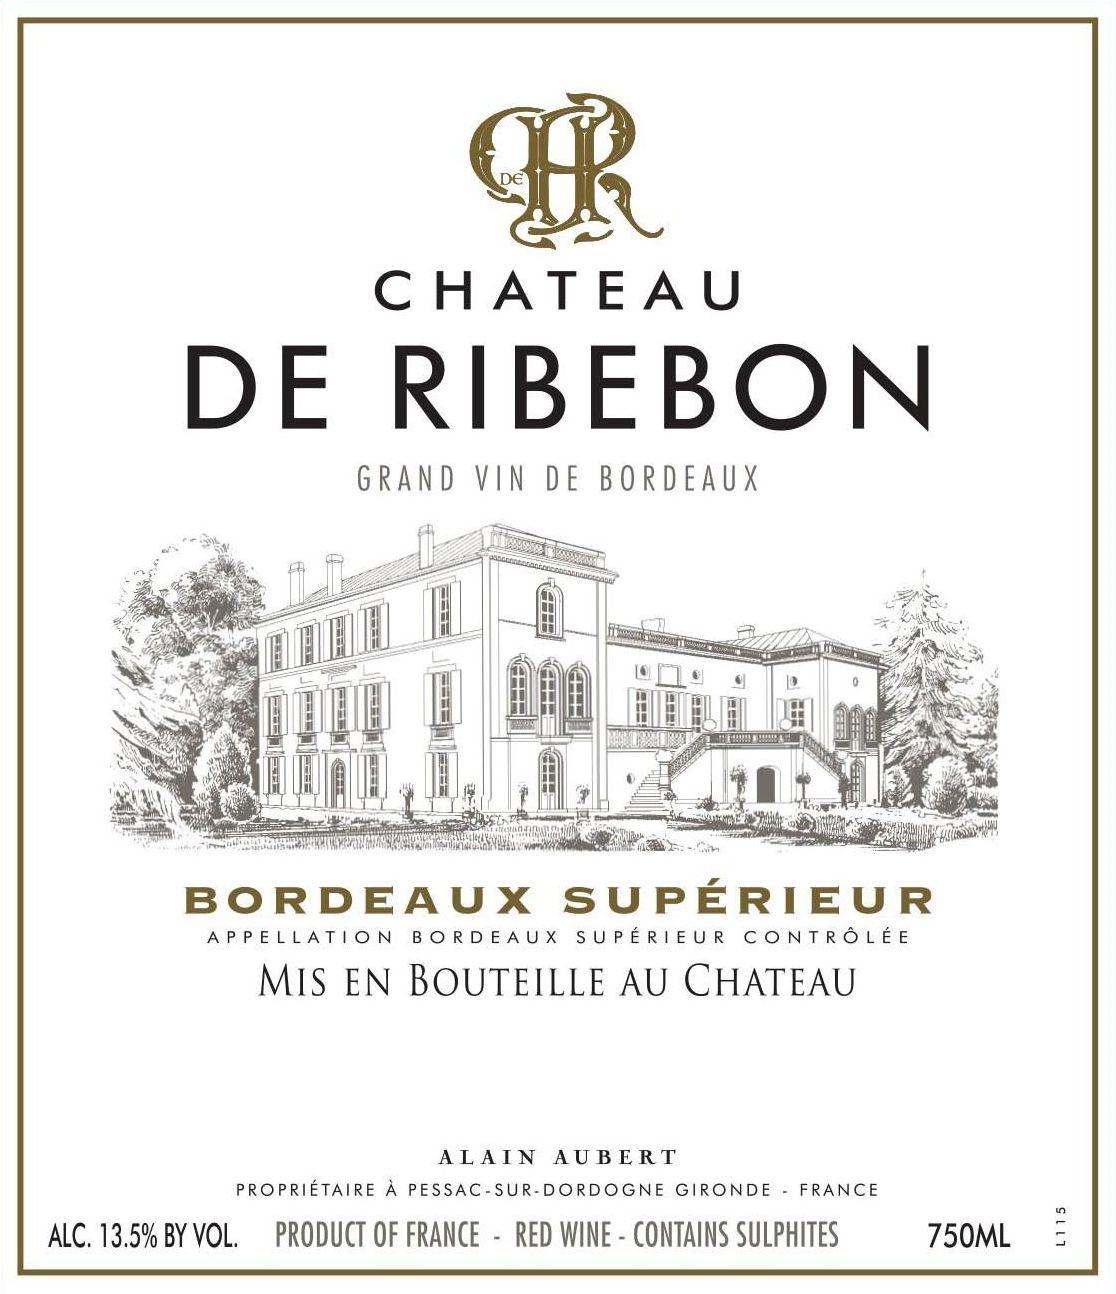 Chateau de Ribebon Bordeaux Superieur 2016